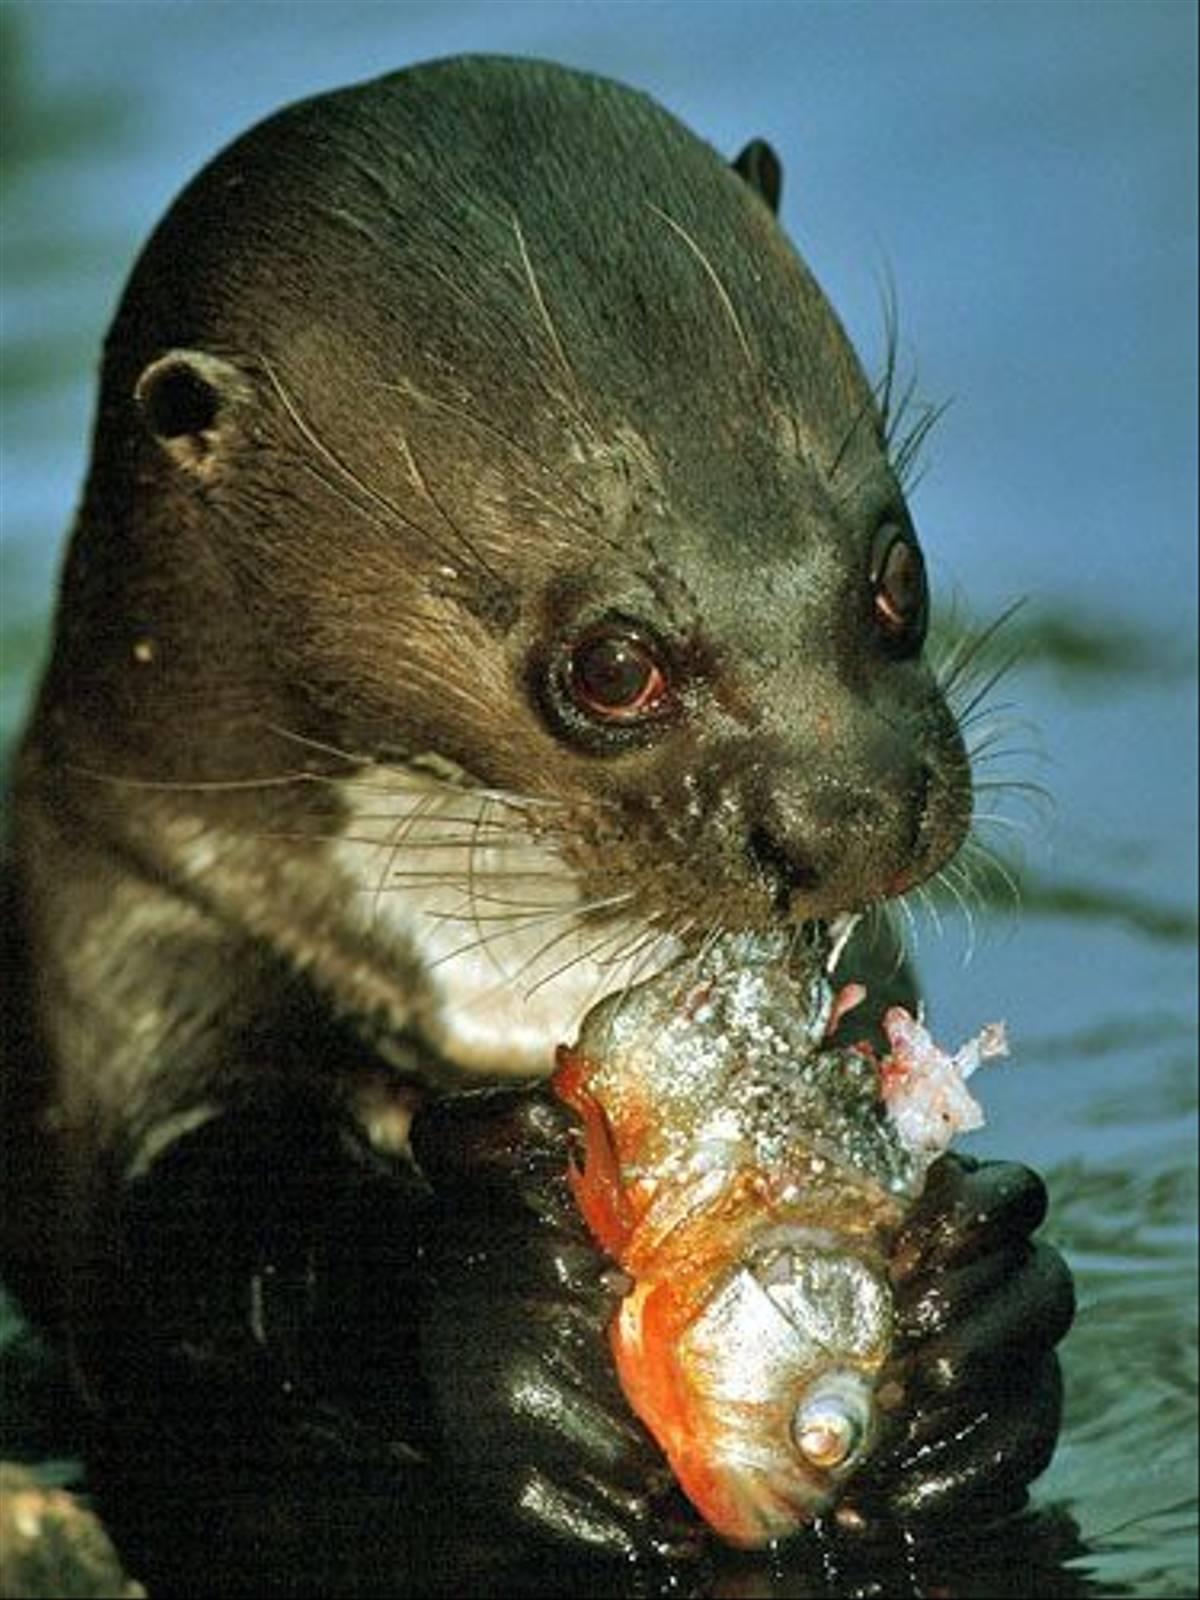 Otter eating Piranha